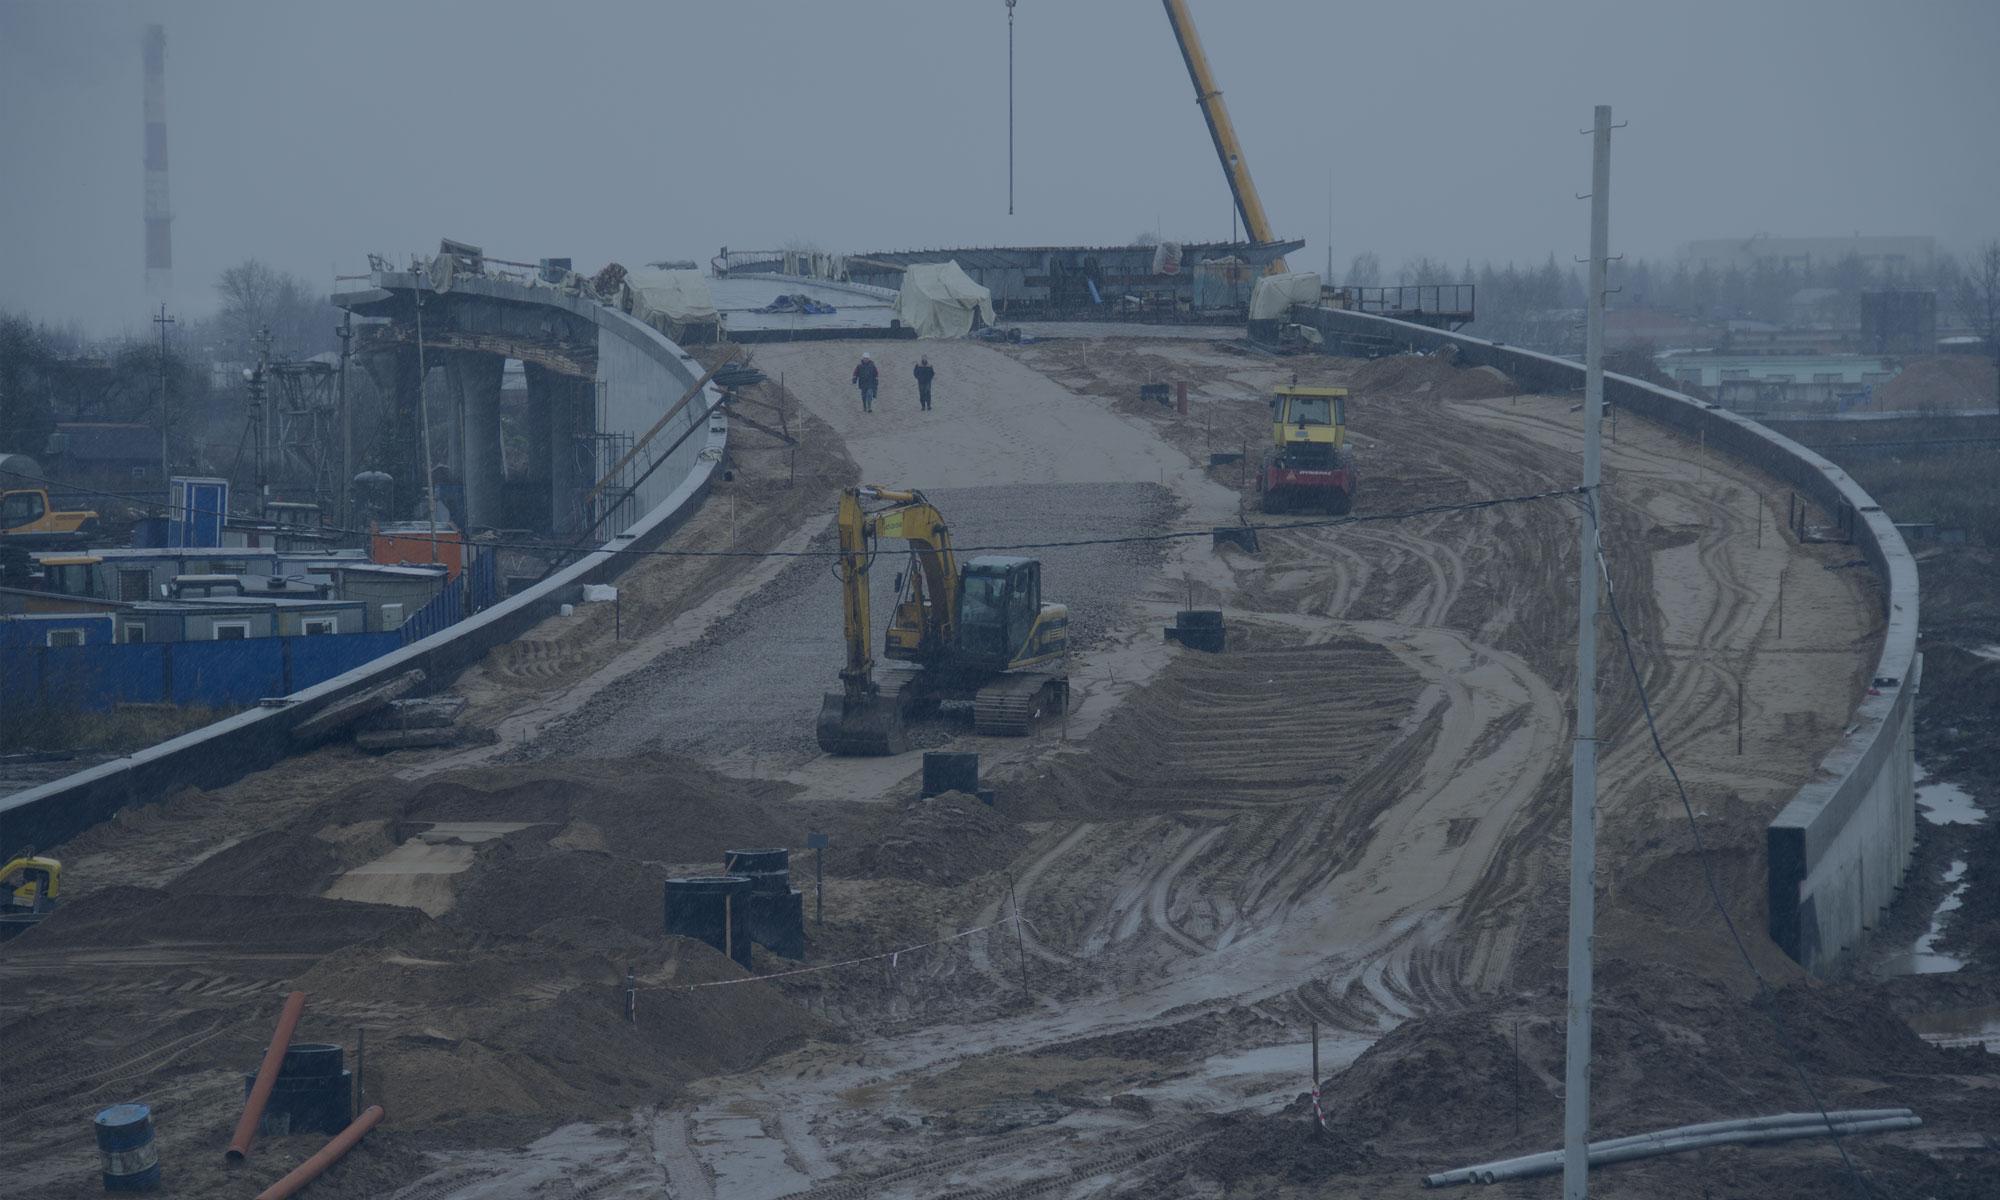 Строительство автодорожного путепровода через железную дорогу в г. Великие Луки Псковской области